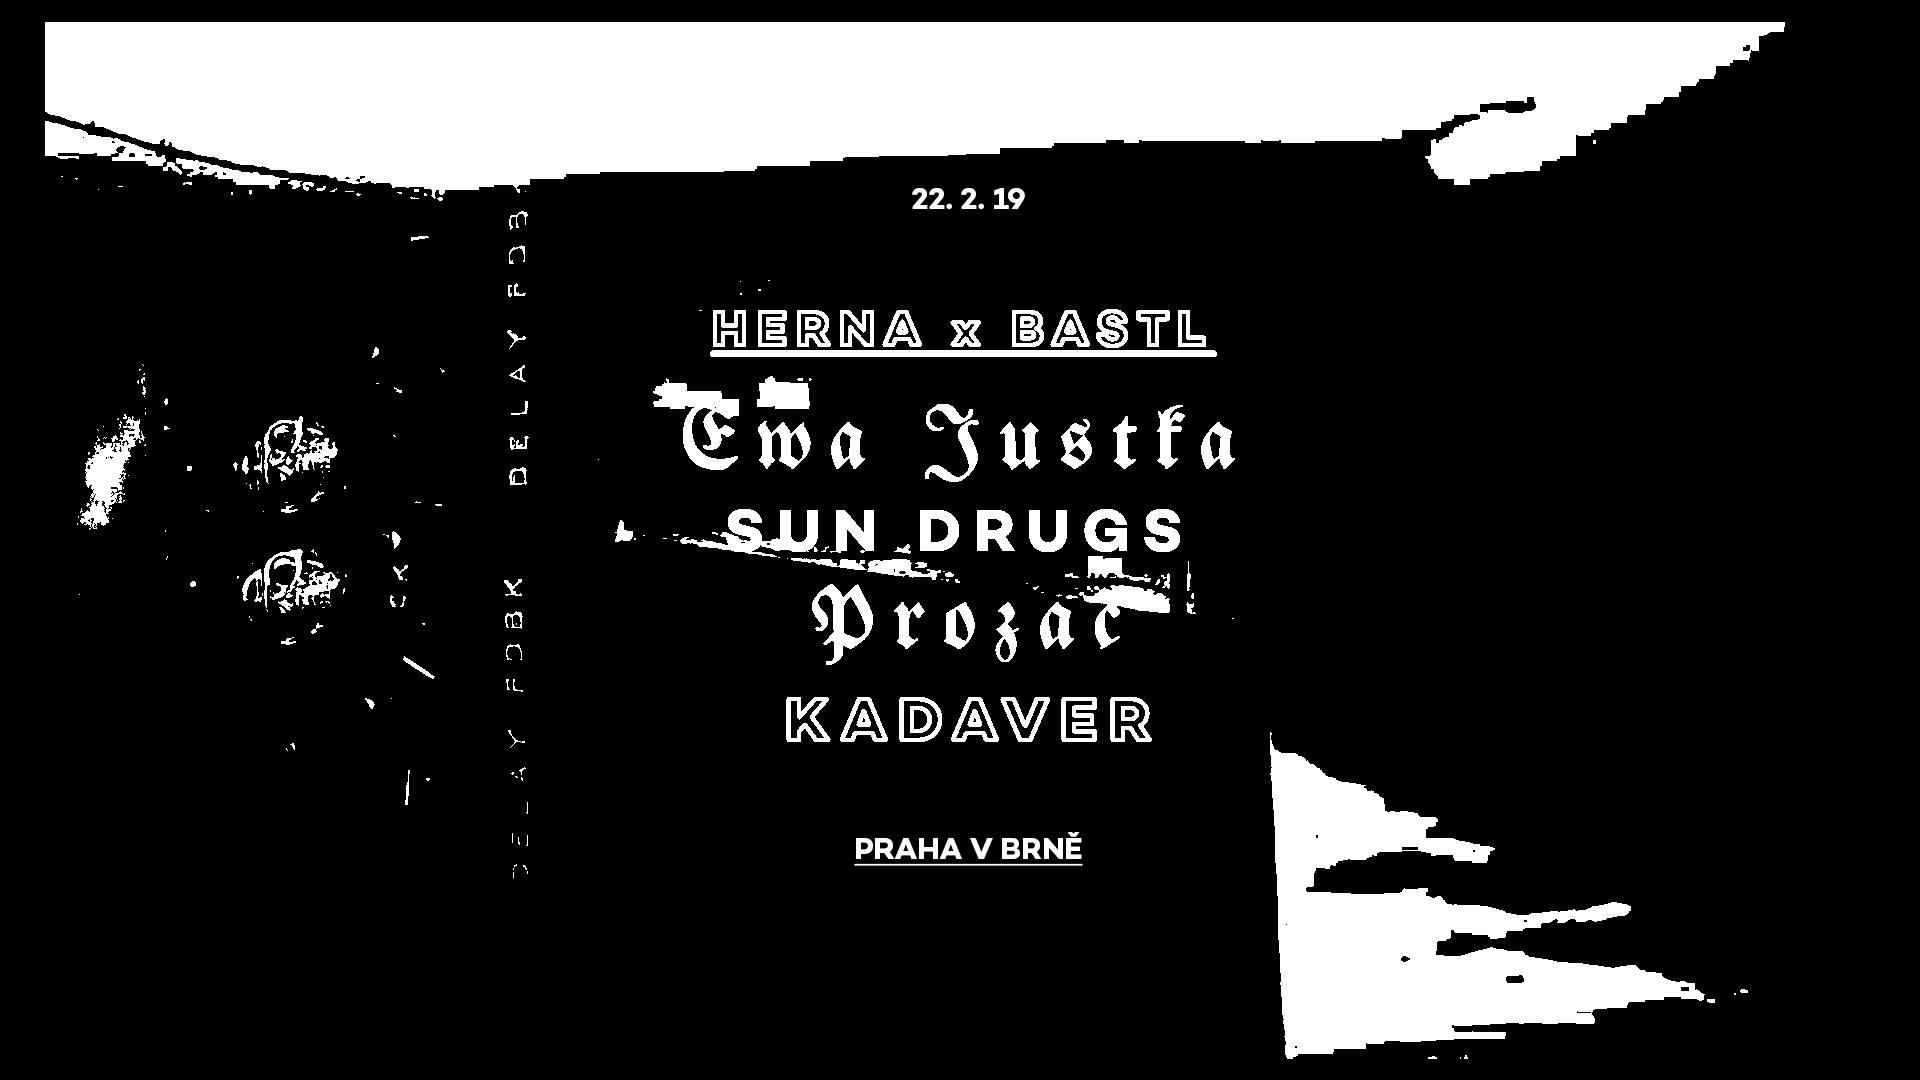 PÁ / 22.2 / 21.00 / Herna x Bastl: Ewa Justka / koncert, dj set